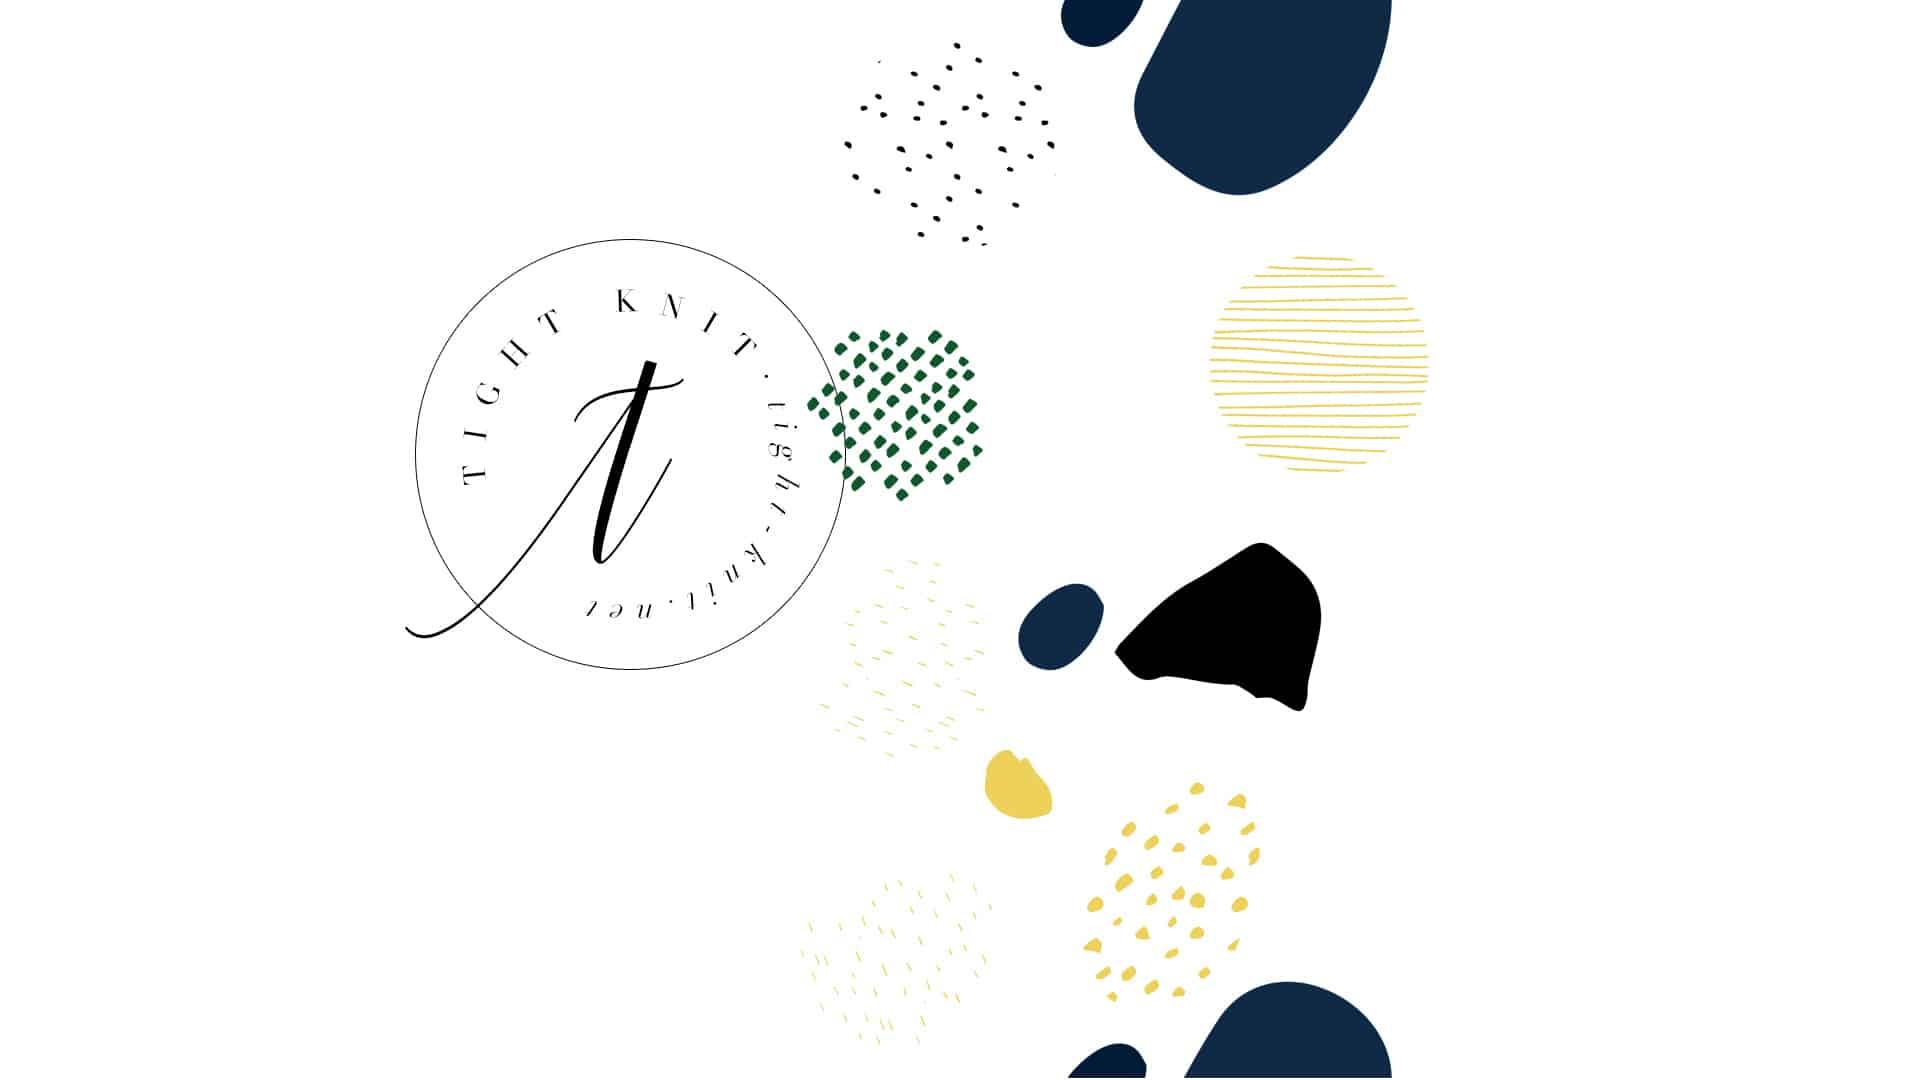 Tight Knit Branding Mark by Shay Bocks